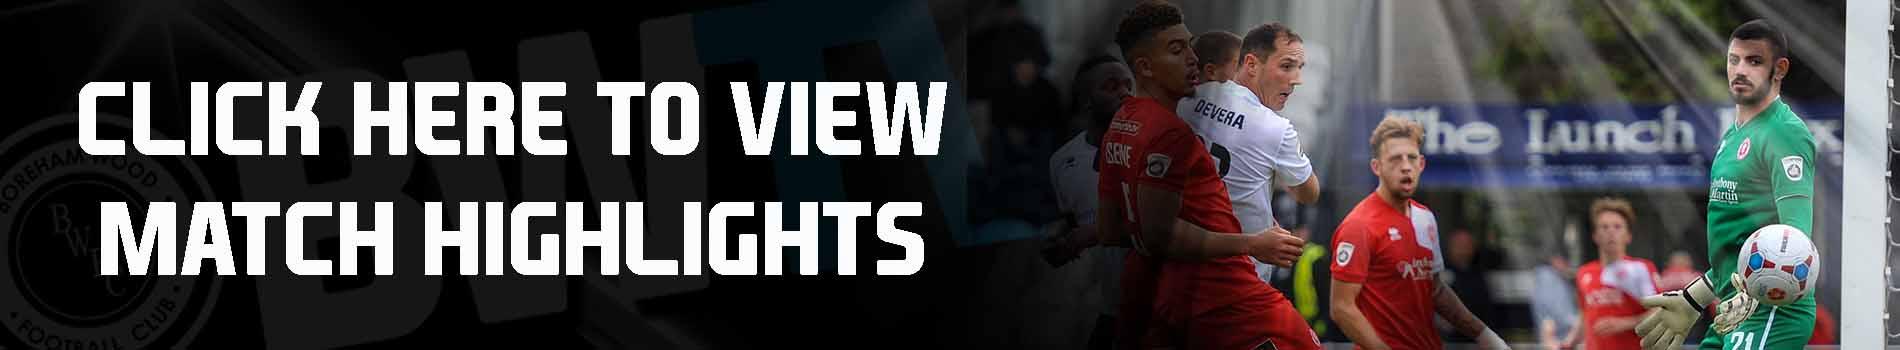 2016 View Match Highlights